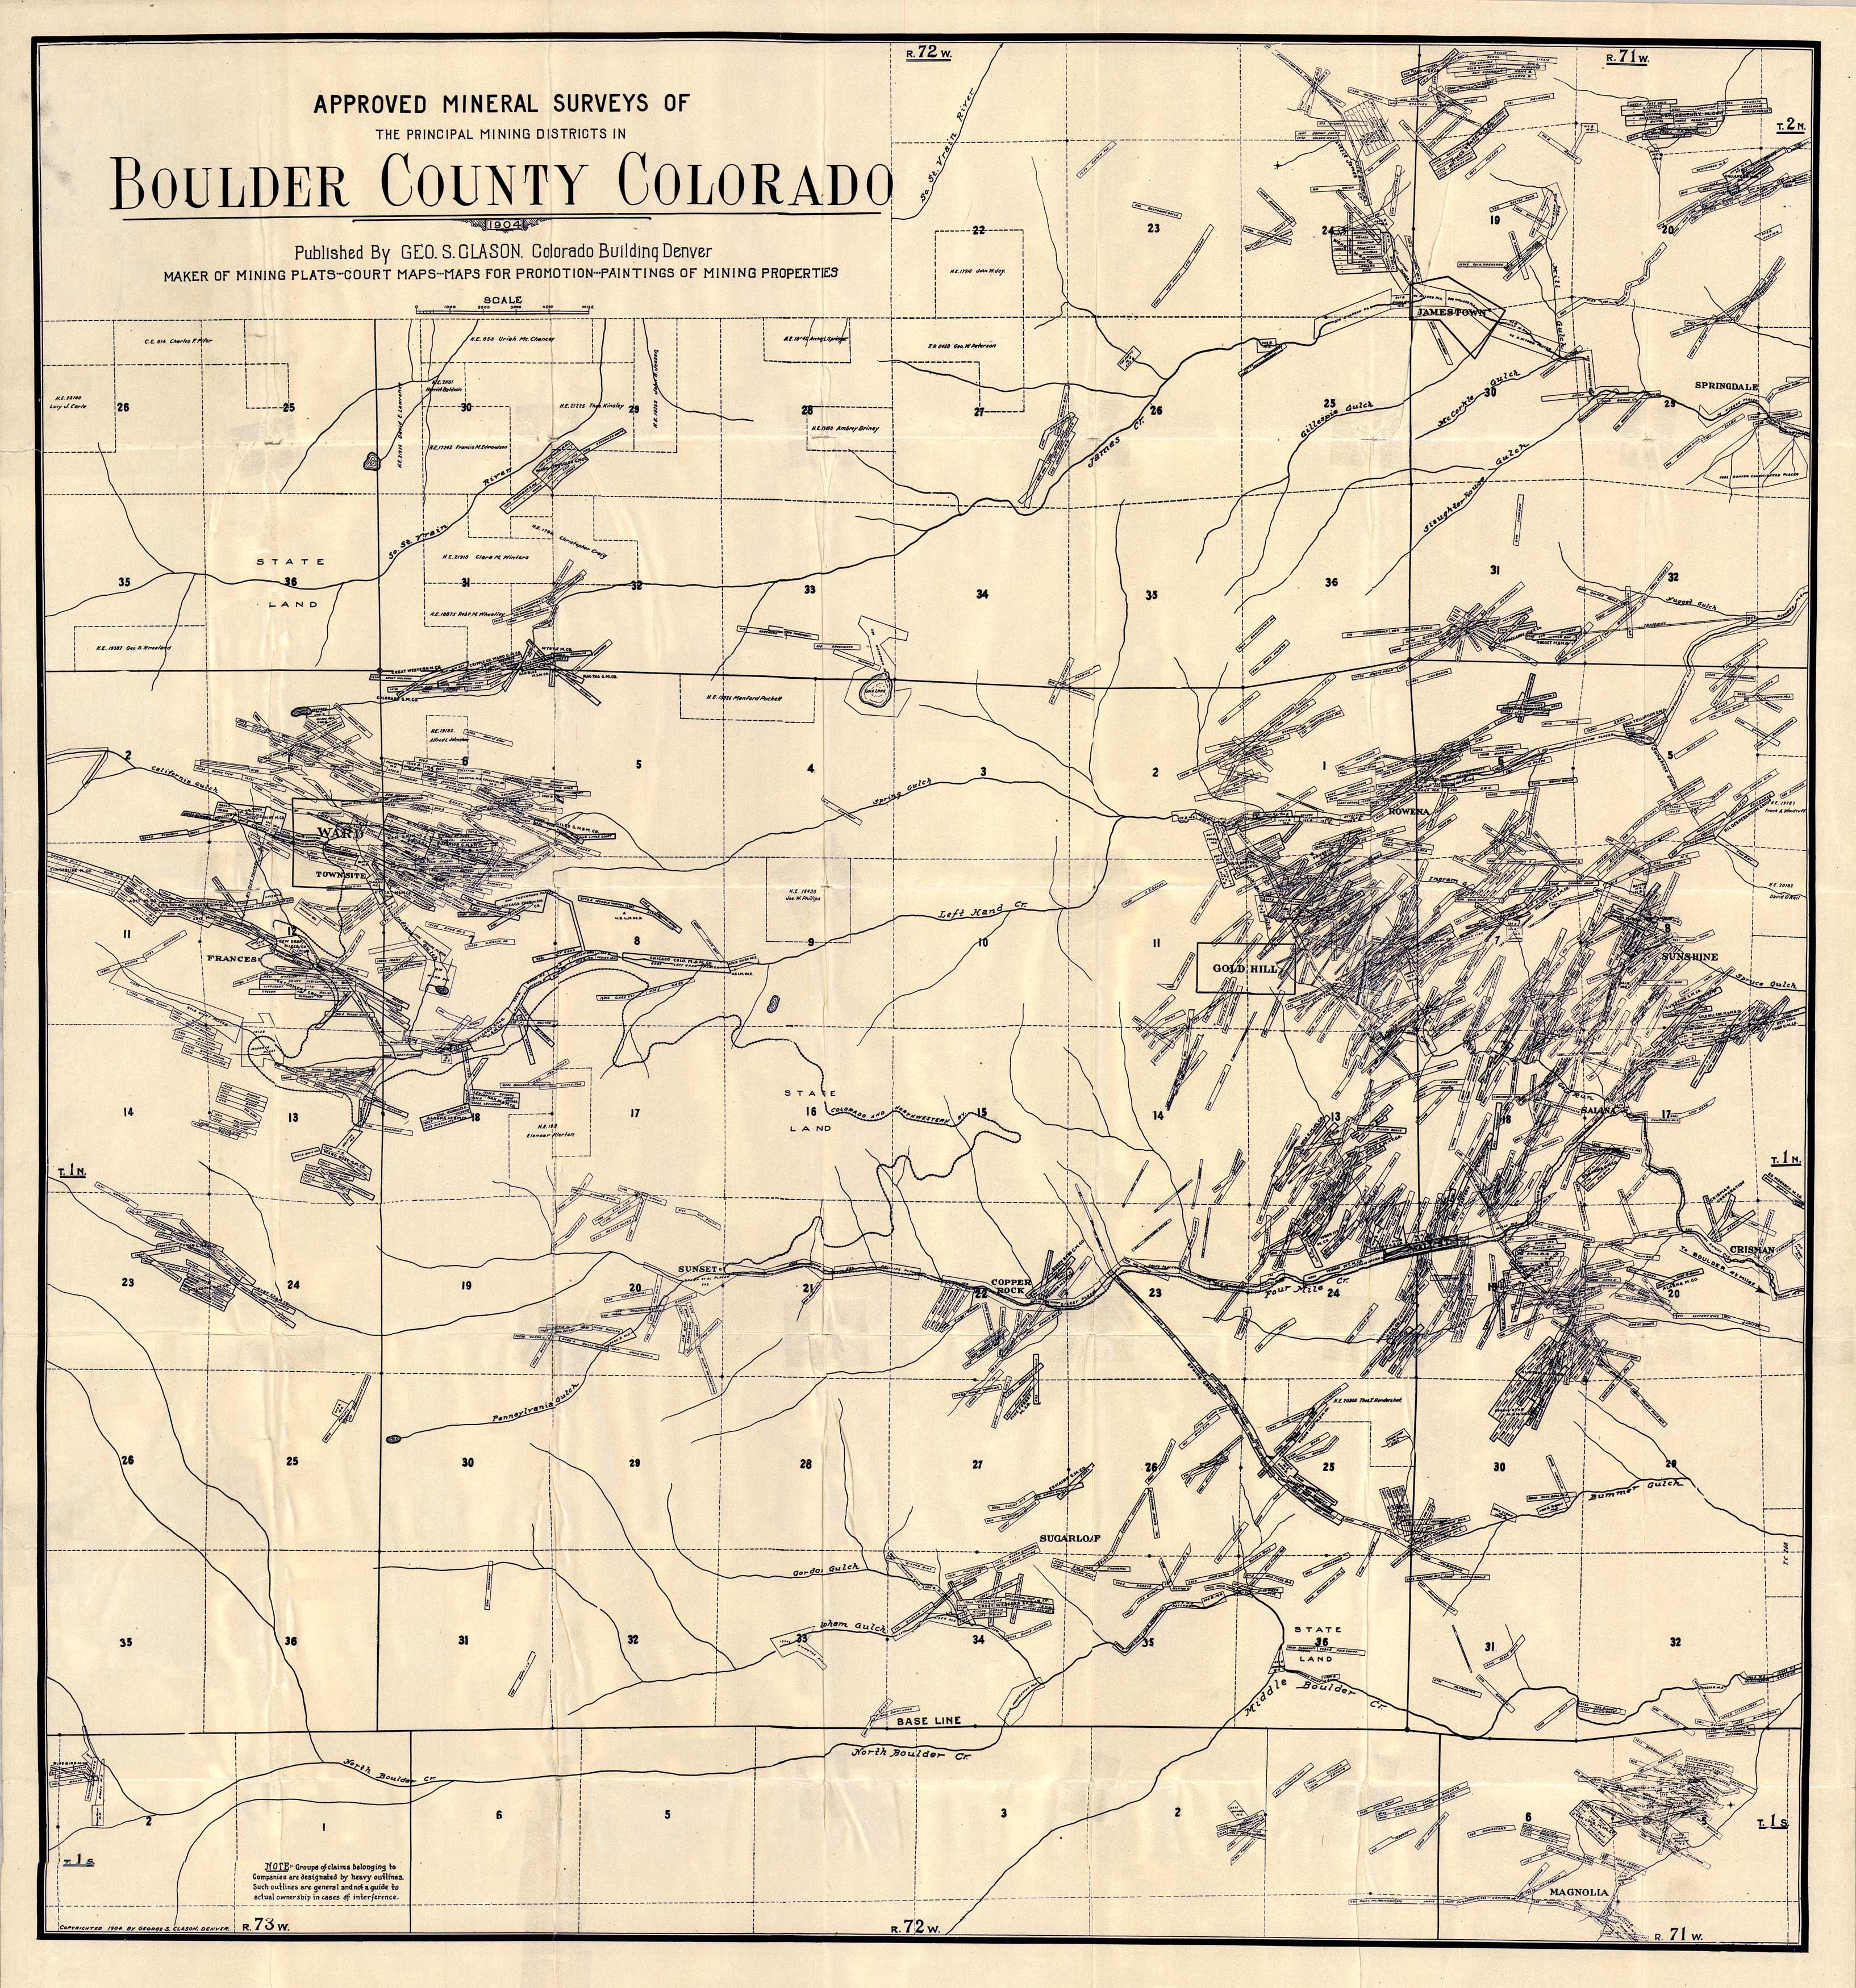 Approved Mineral Surveys of Boulder County